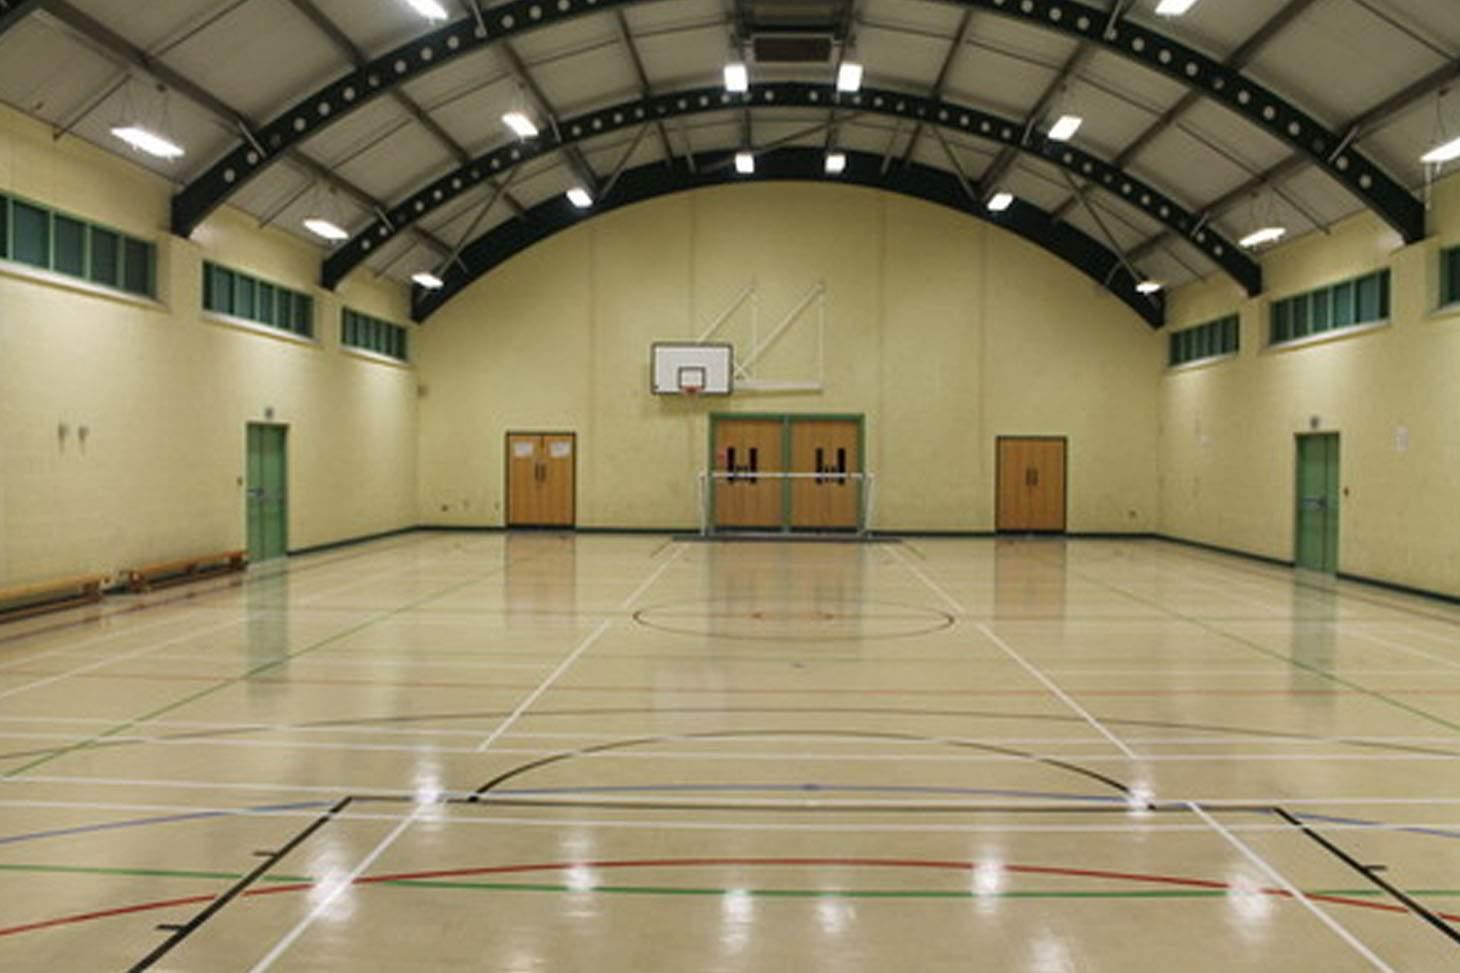 Heworth Grange Comprehensive School Indoor futsal pitch